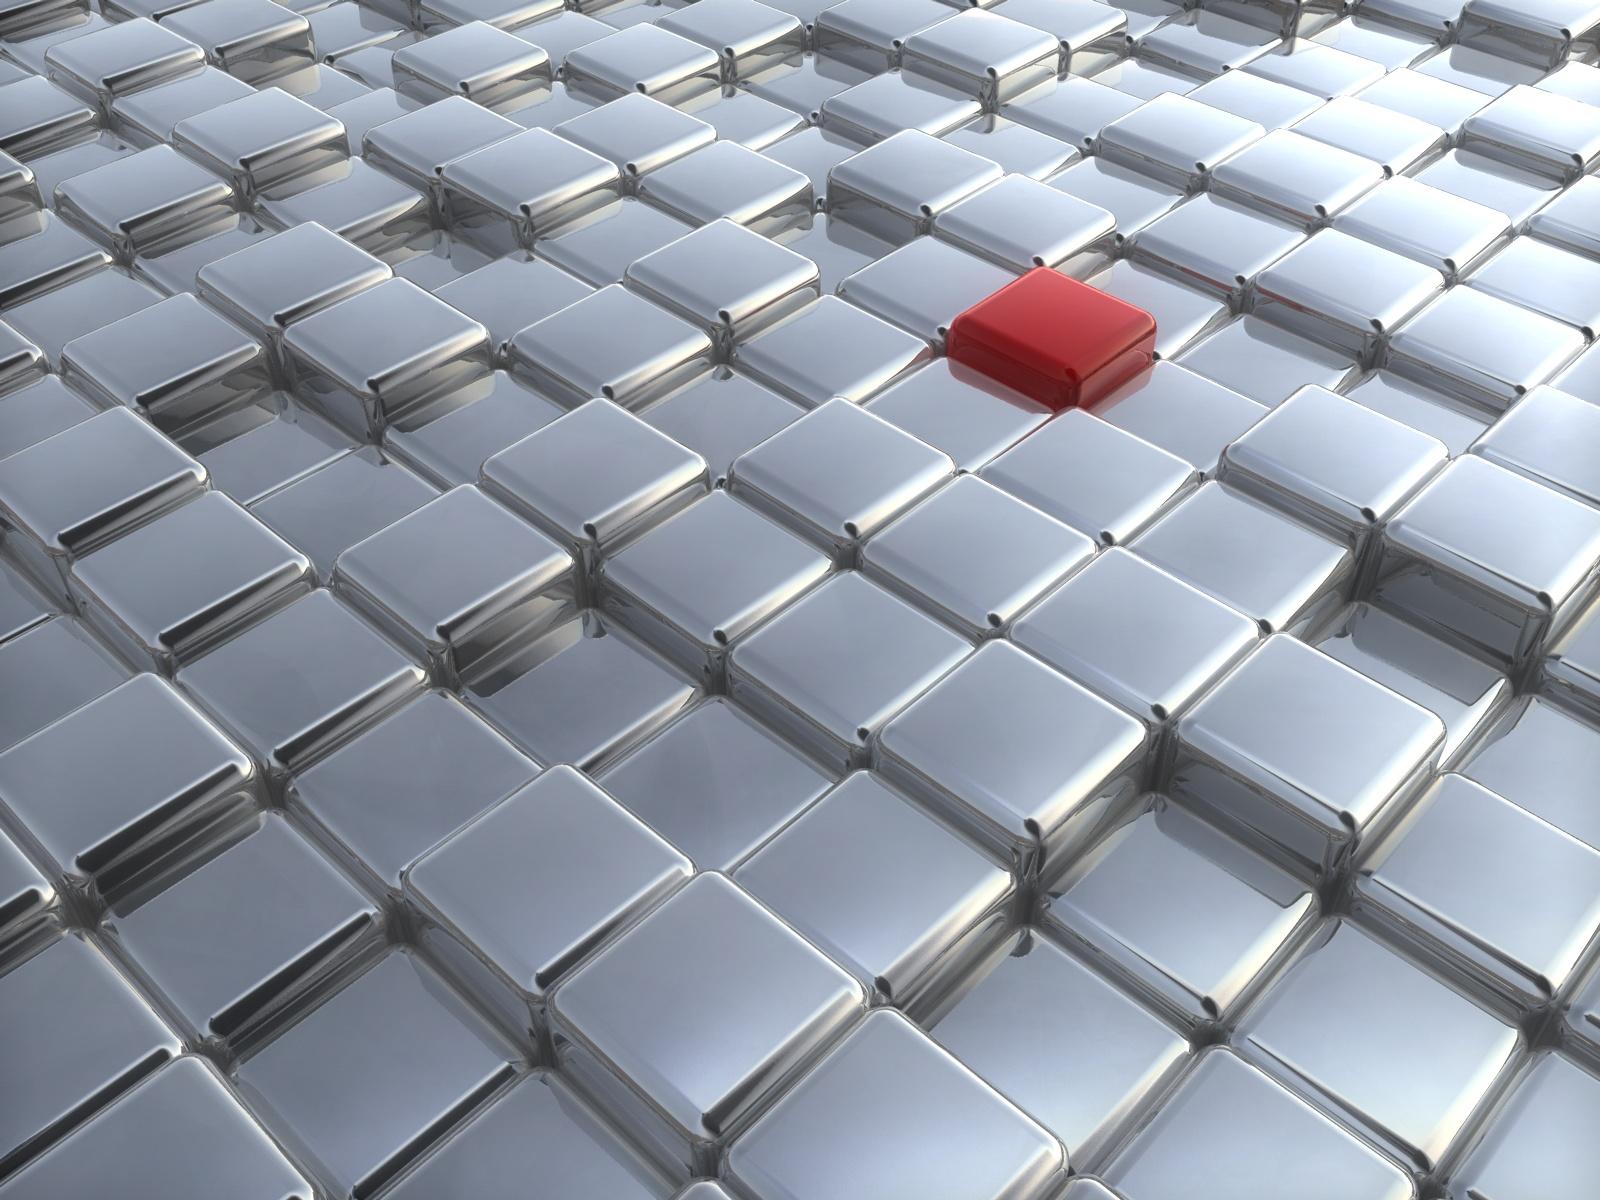 Another Cube Wallpaper by MC Gun cube 3d wallpapers cool wallpaper1 1600x1200